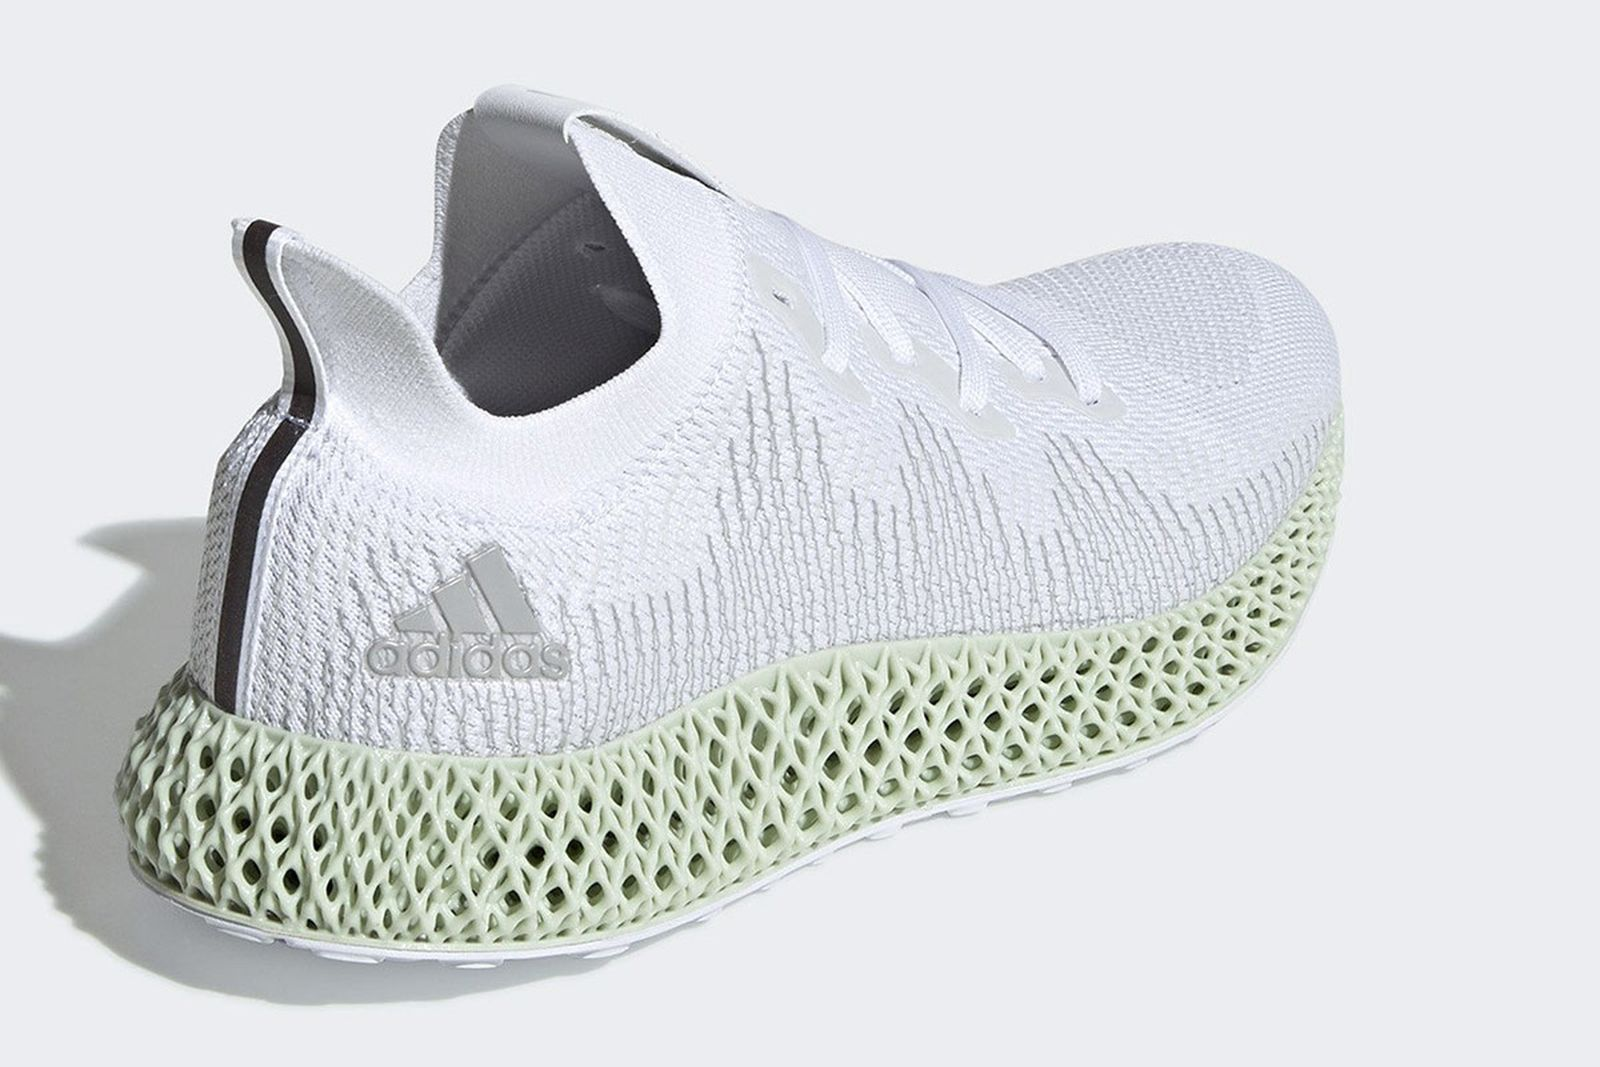 adidas alphaedge 4d white release date price adidas futurecraft